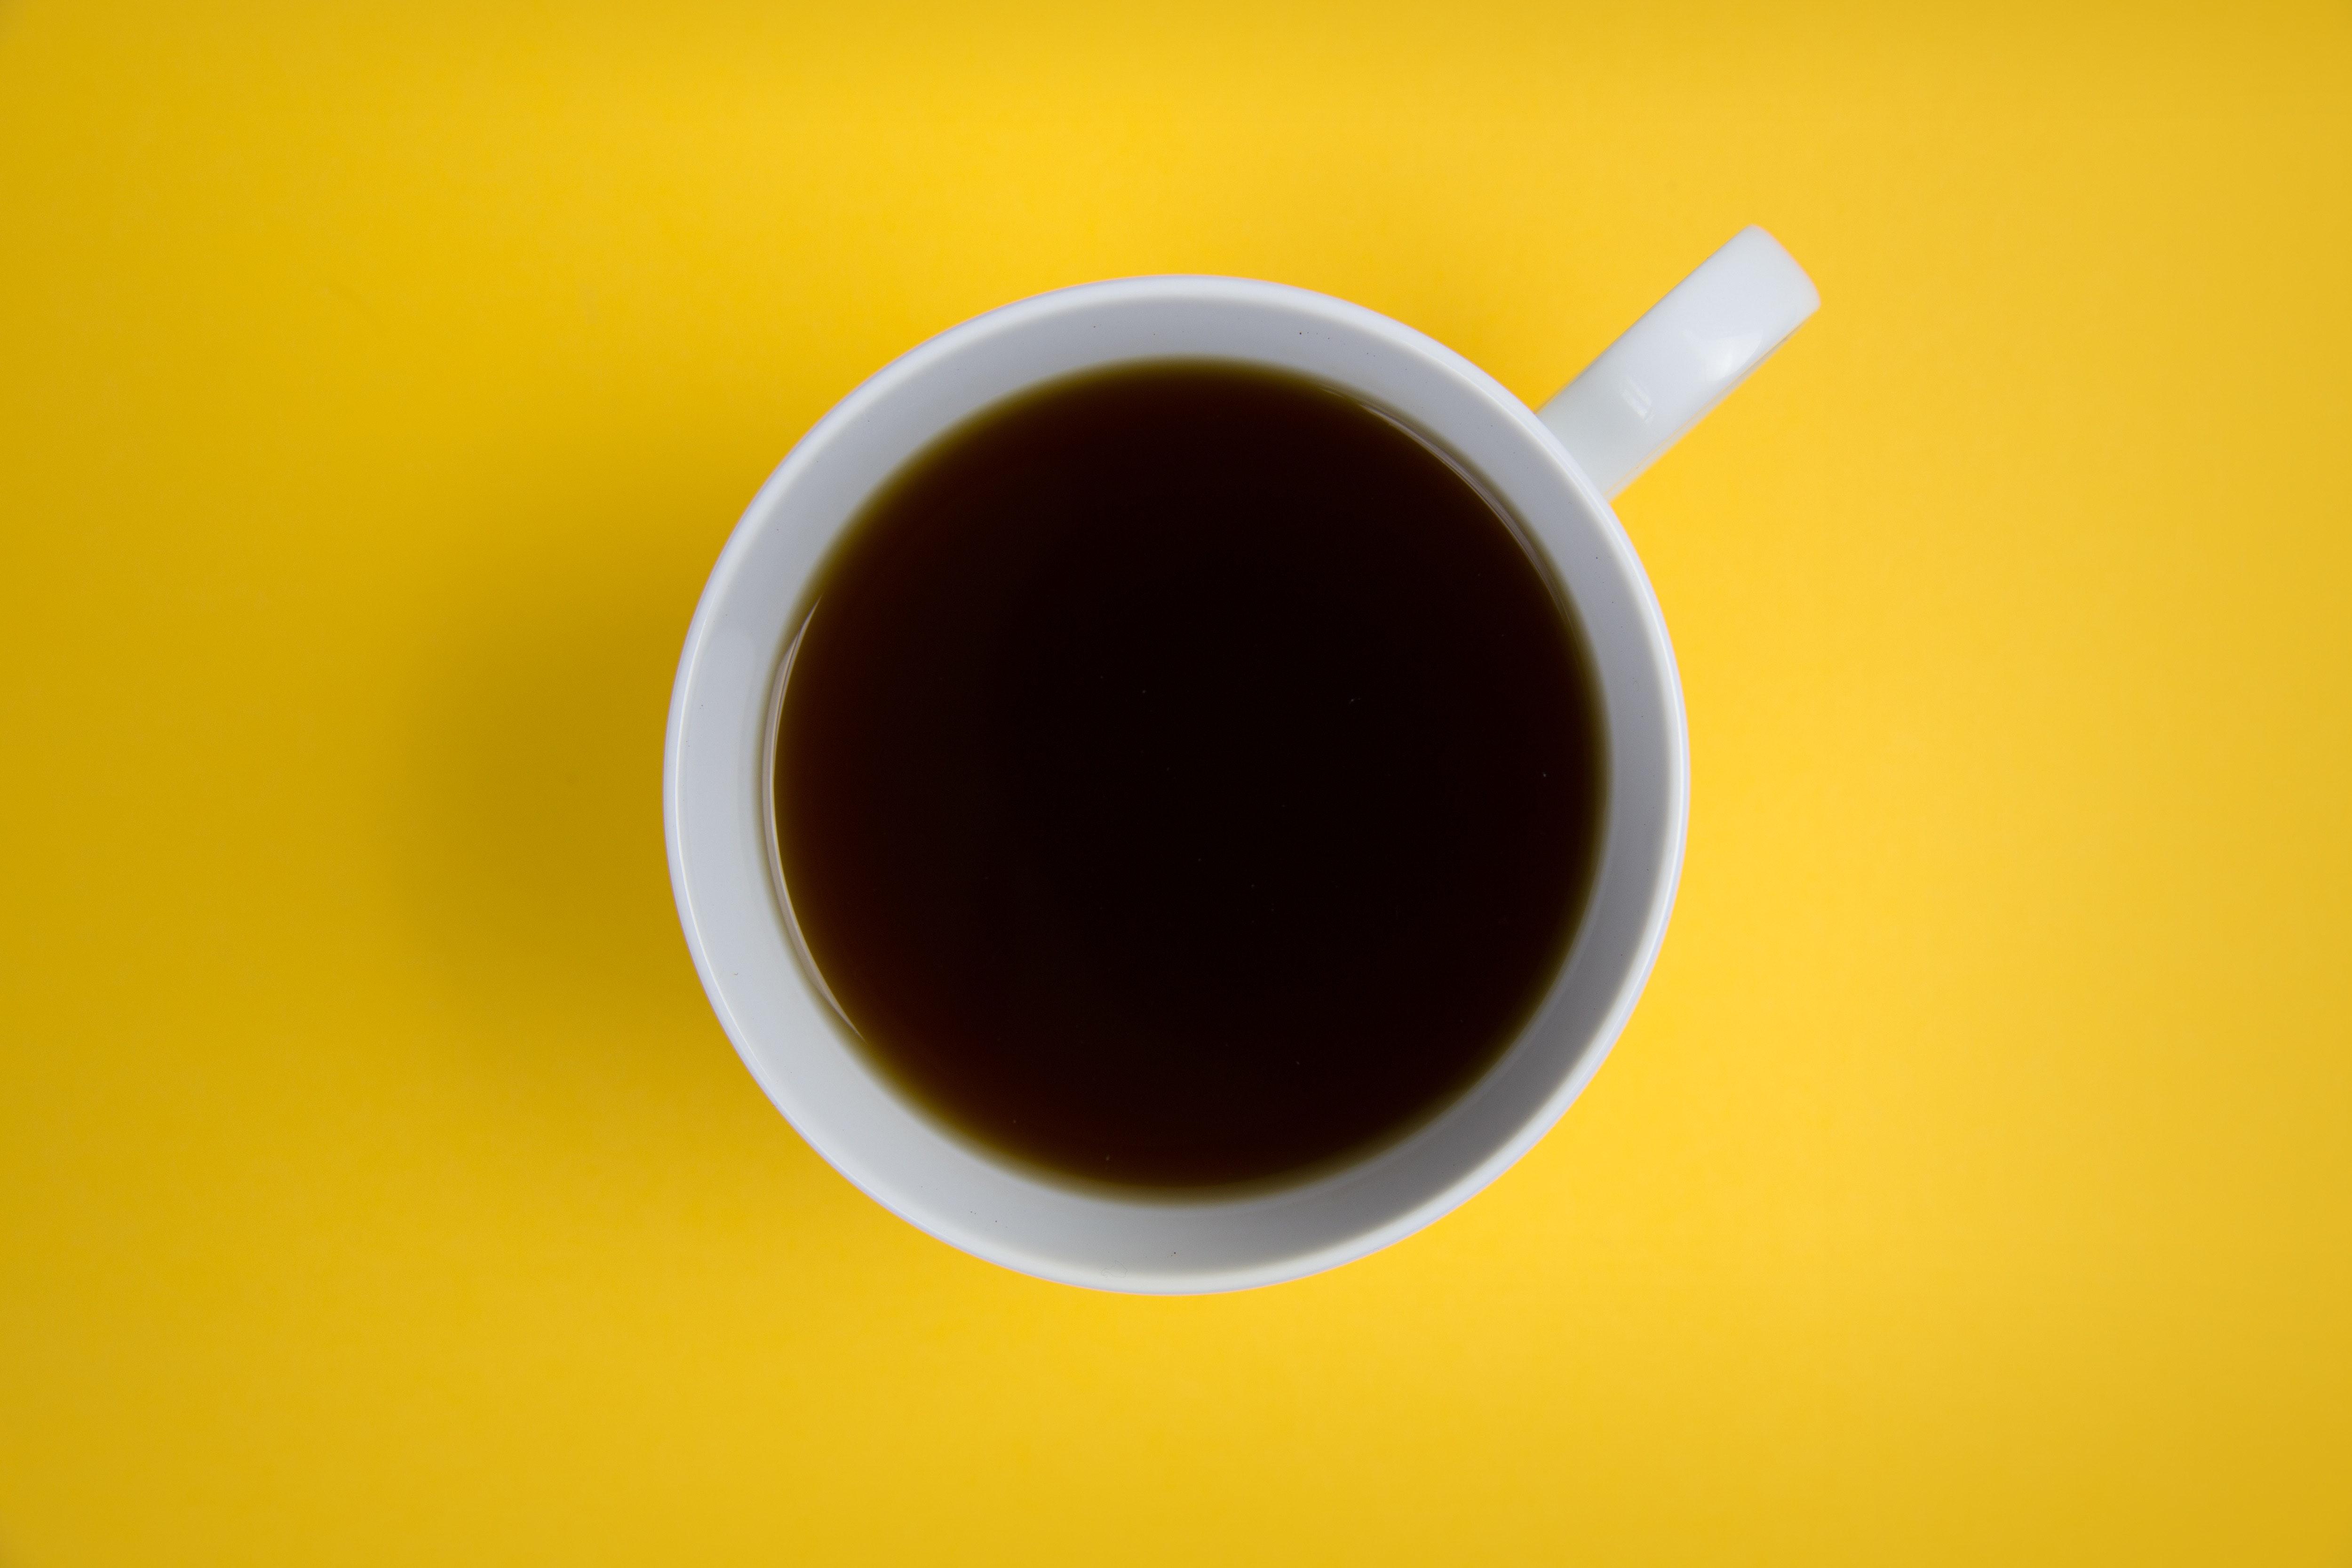 Free Coffee Stock Photos · Pexels · Free Stock Photos